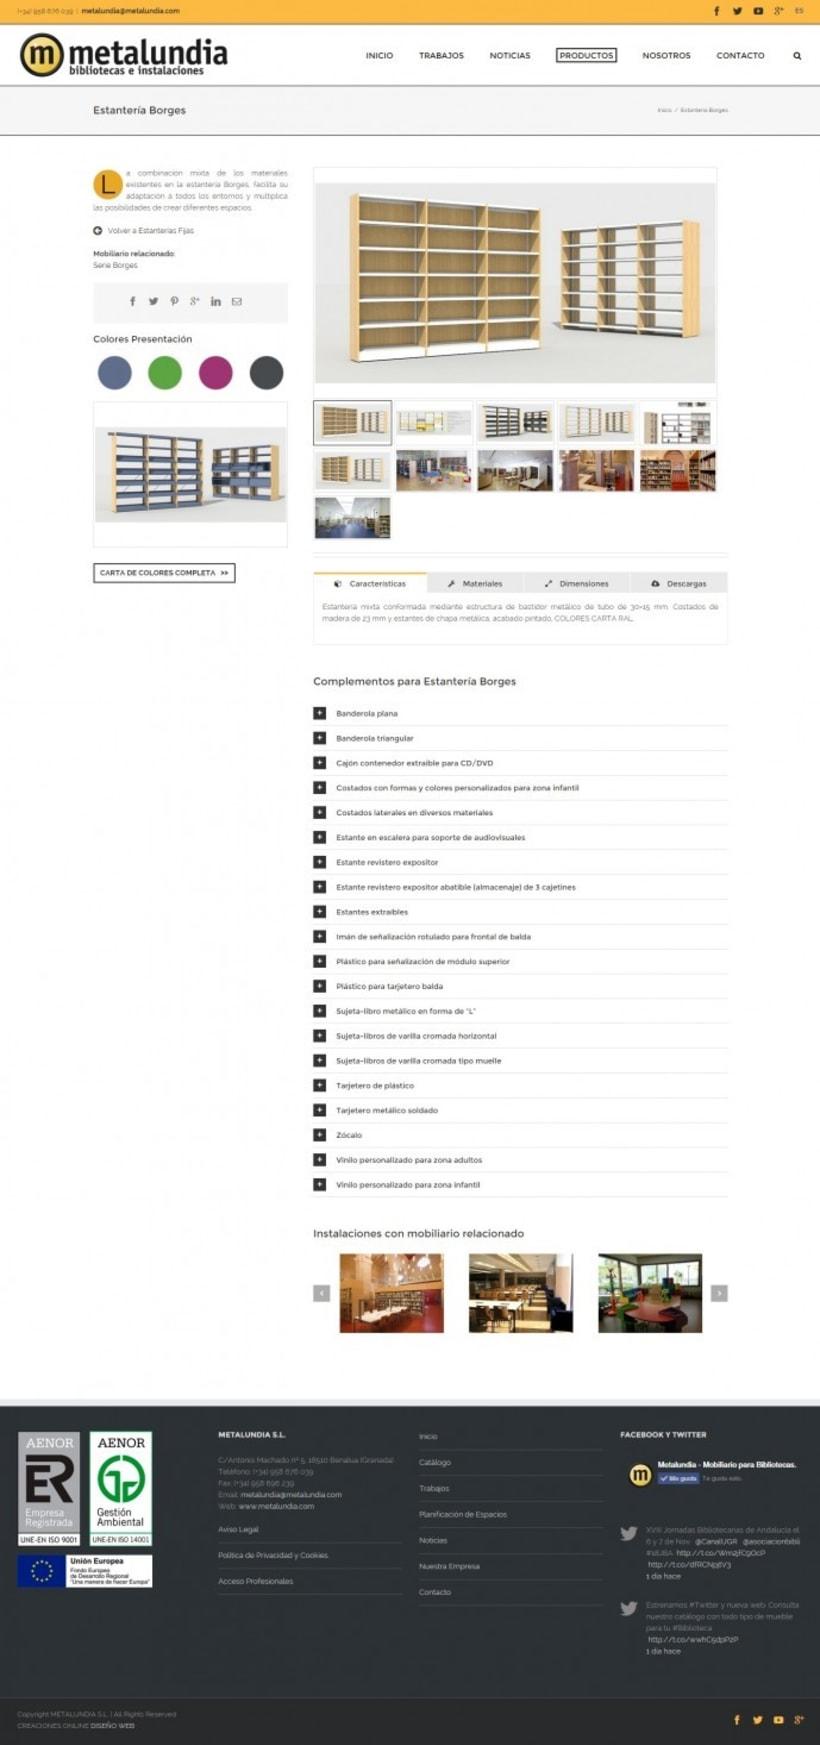 Nueva web corporativa para Metalundia S.L. 1